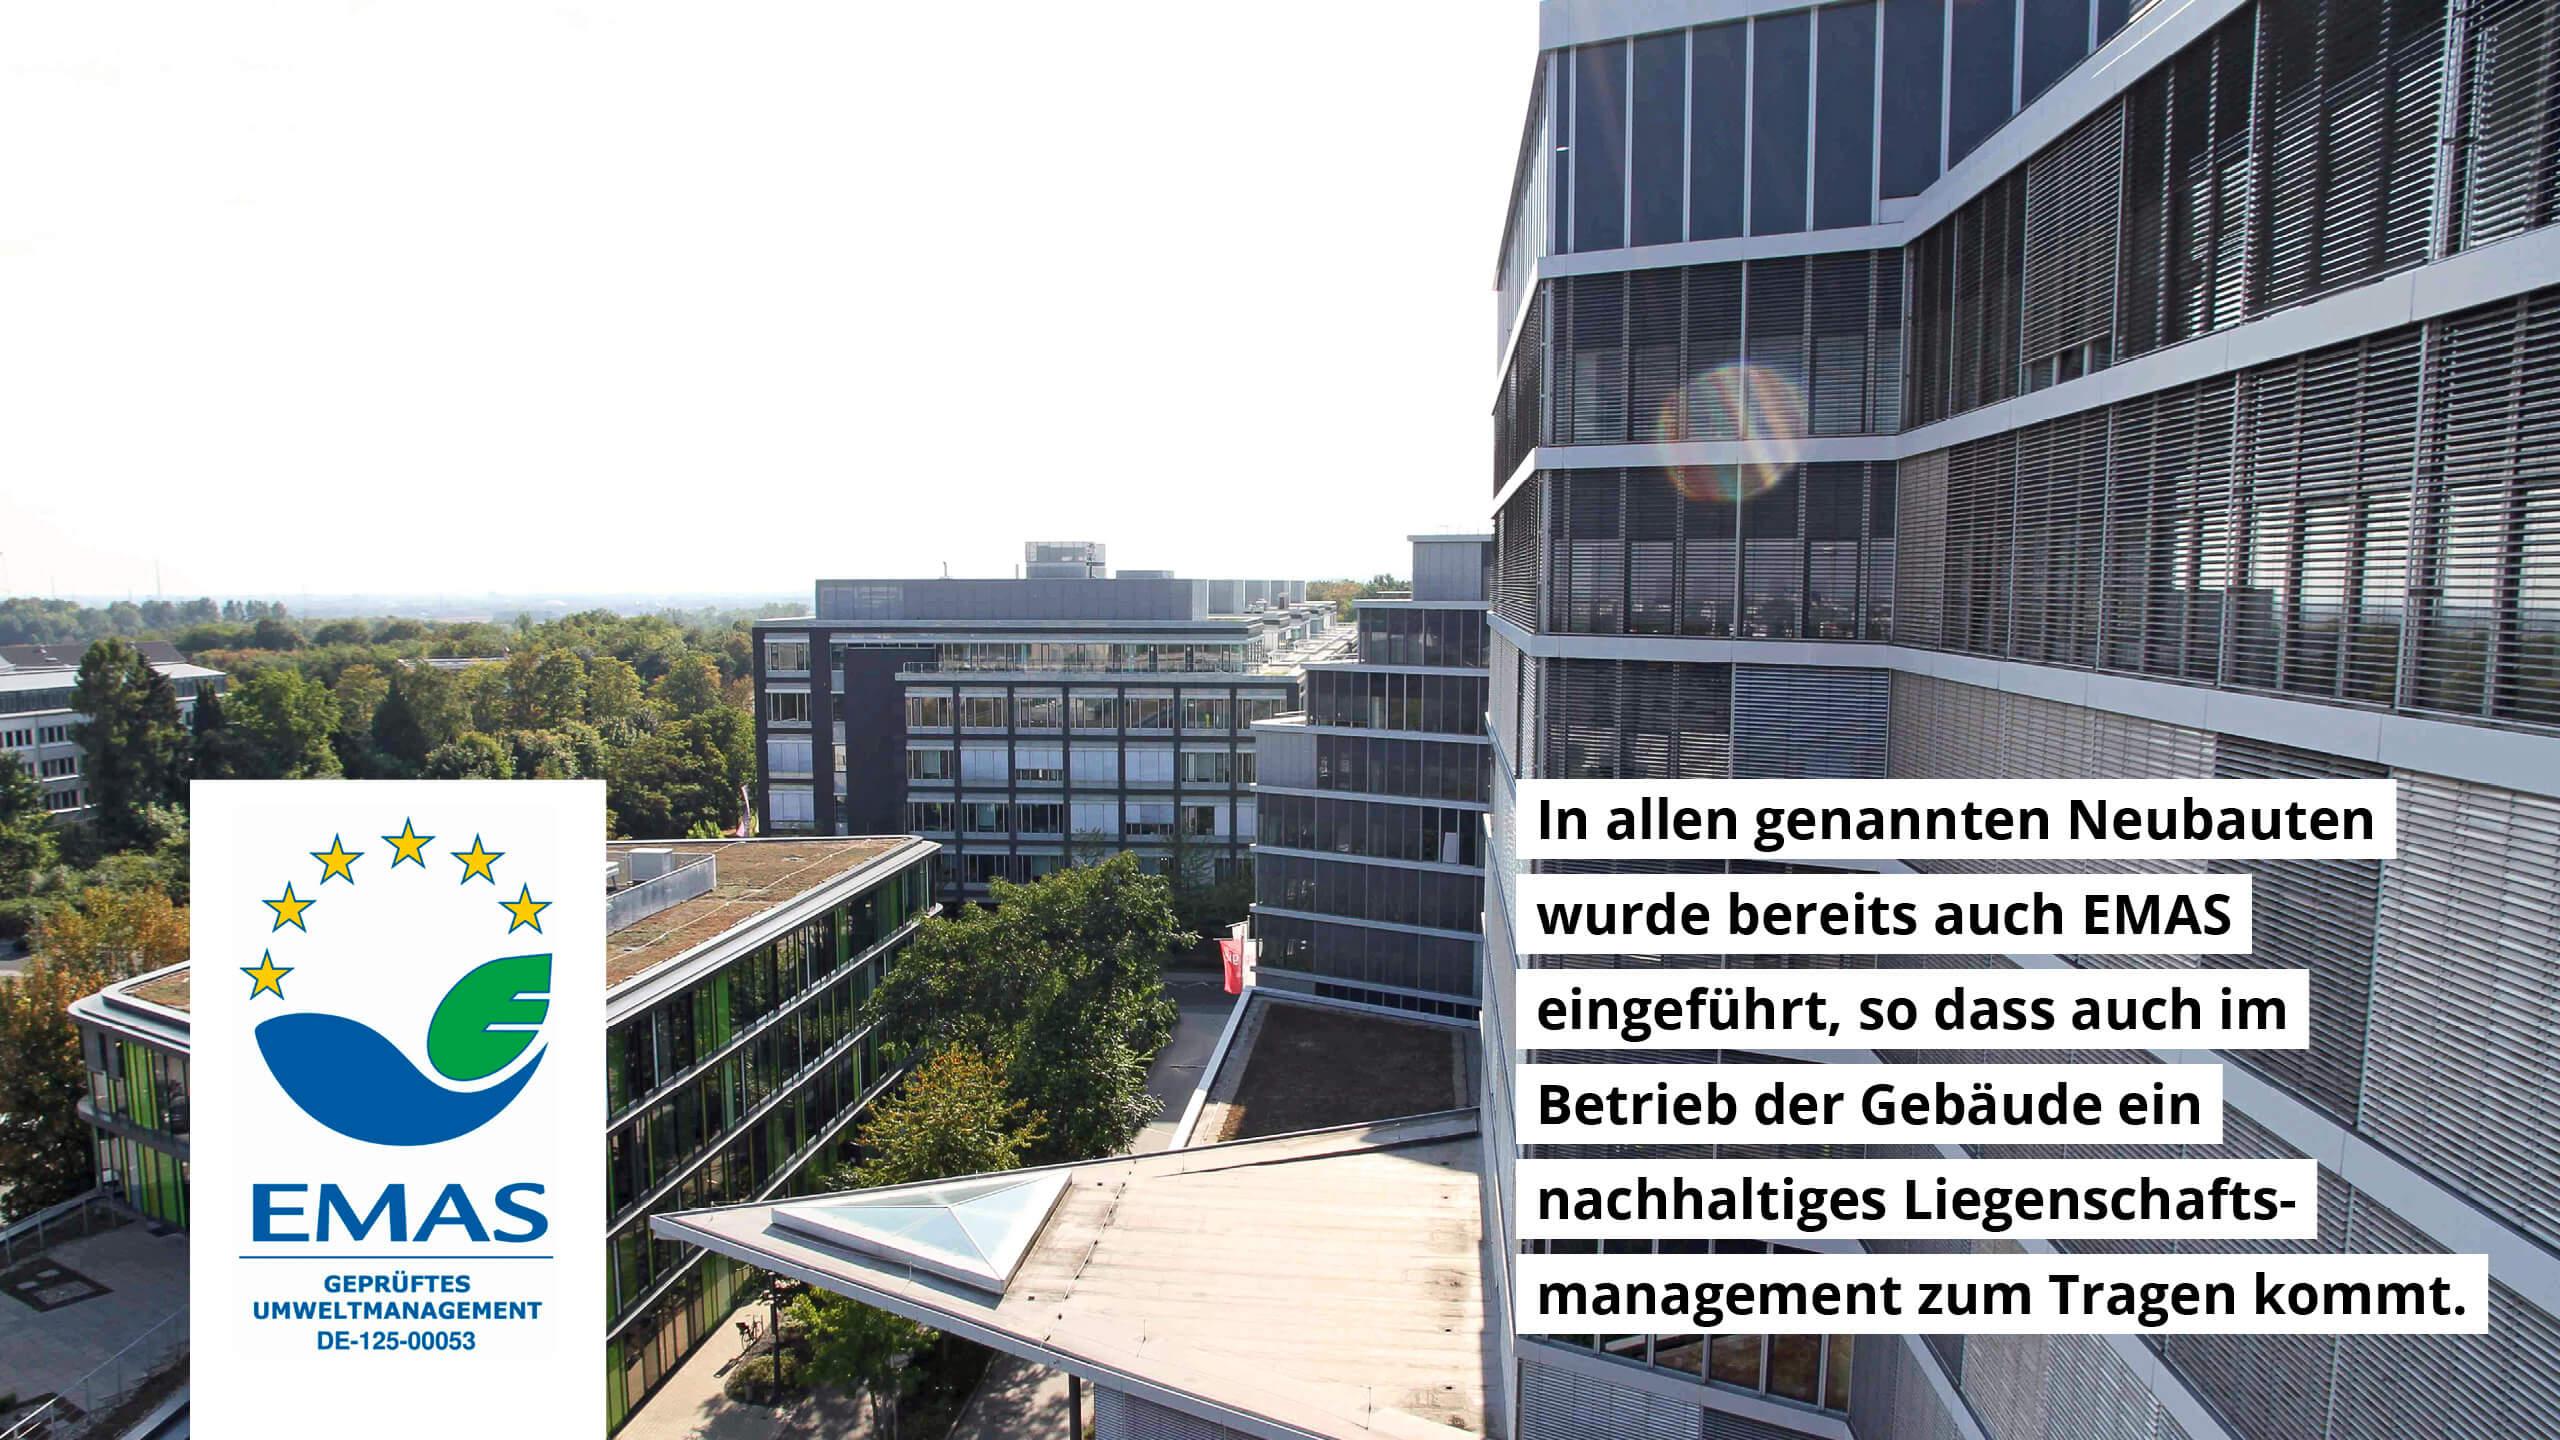 In allen Neubauten wurde EMAS eingeführt, so dass ein nachhaltiges Liegenschaftsmanagement zum Tragen kommt.